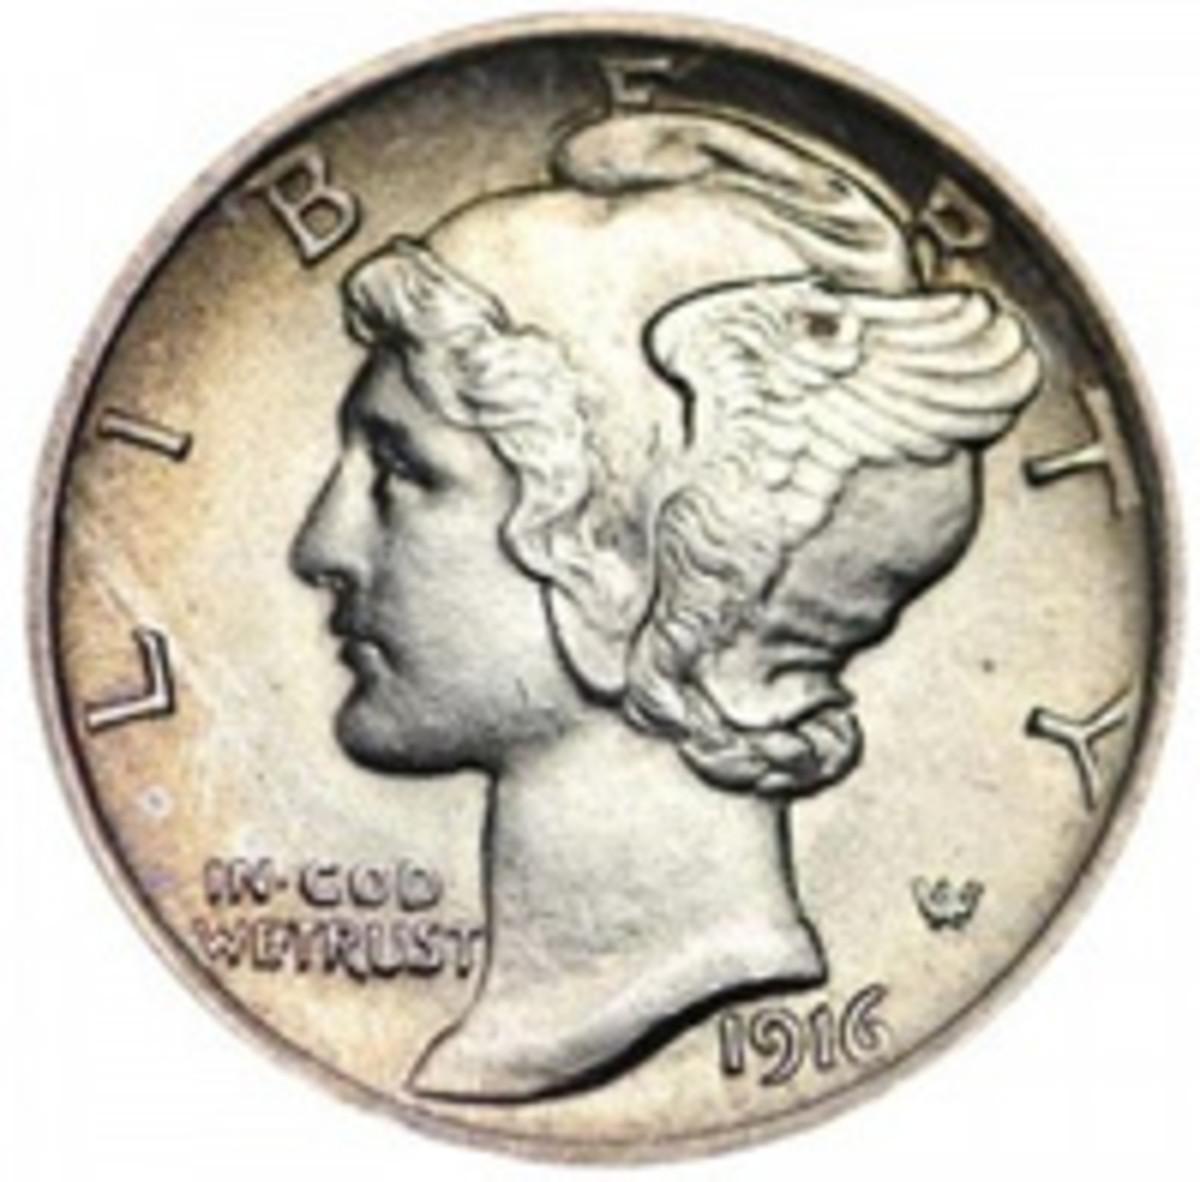 (Image courtesy www.usacoinbook.com)